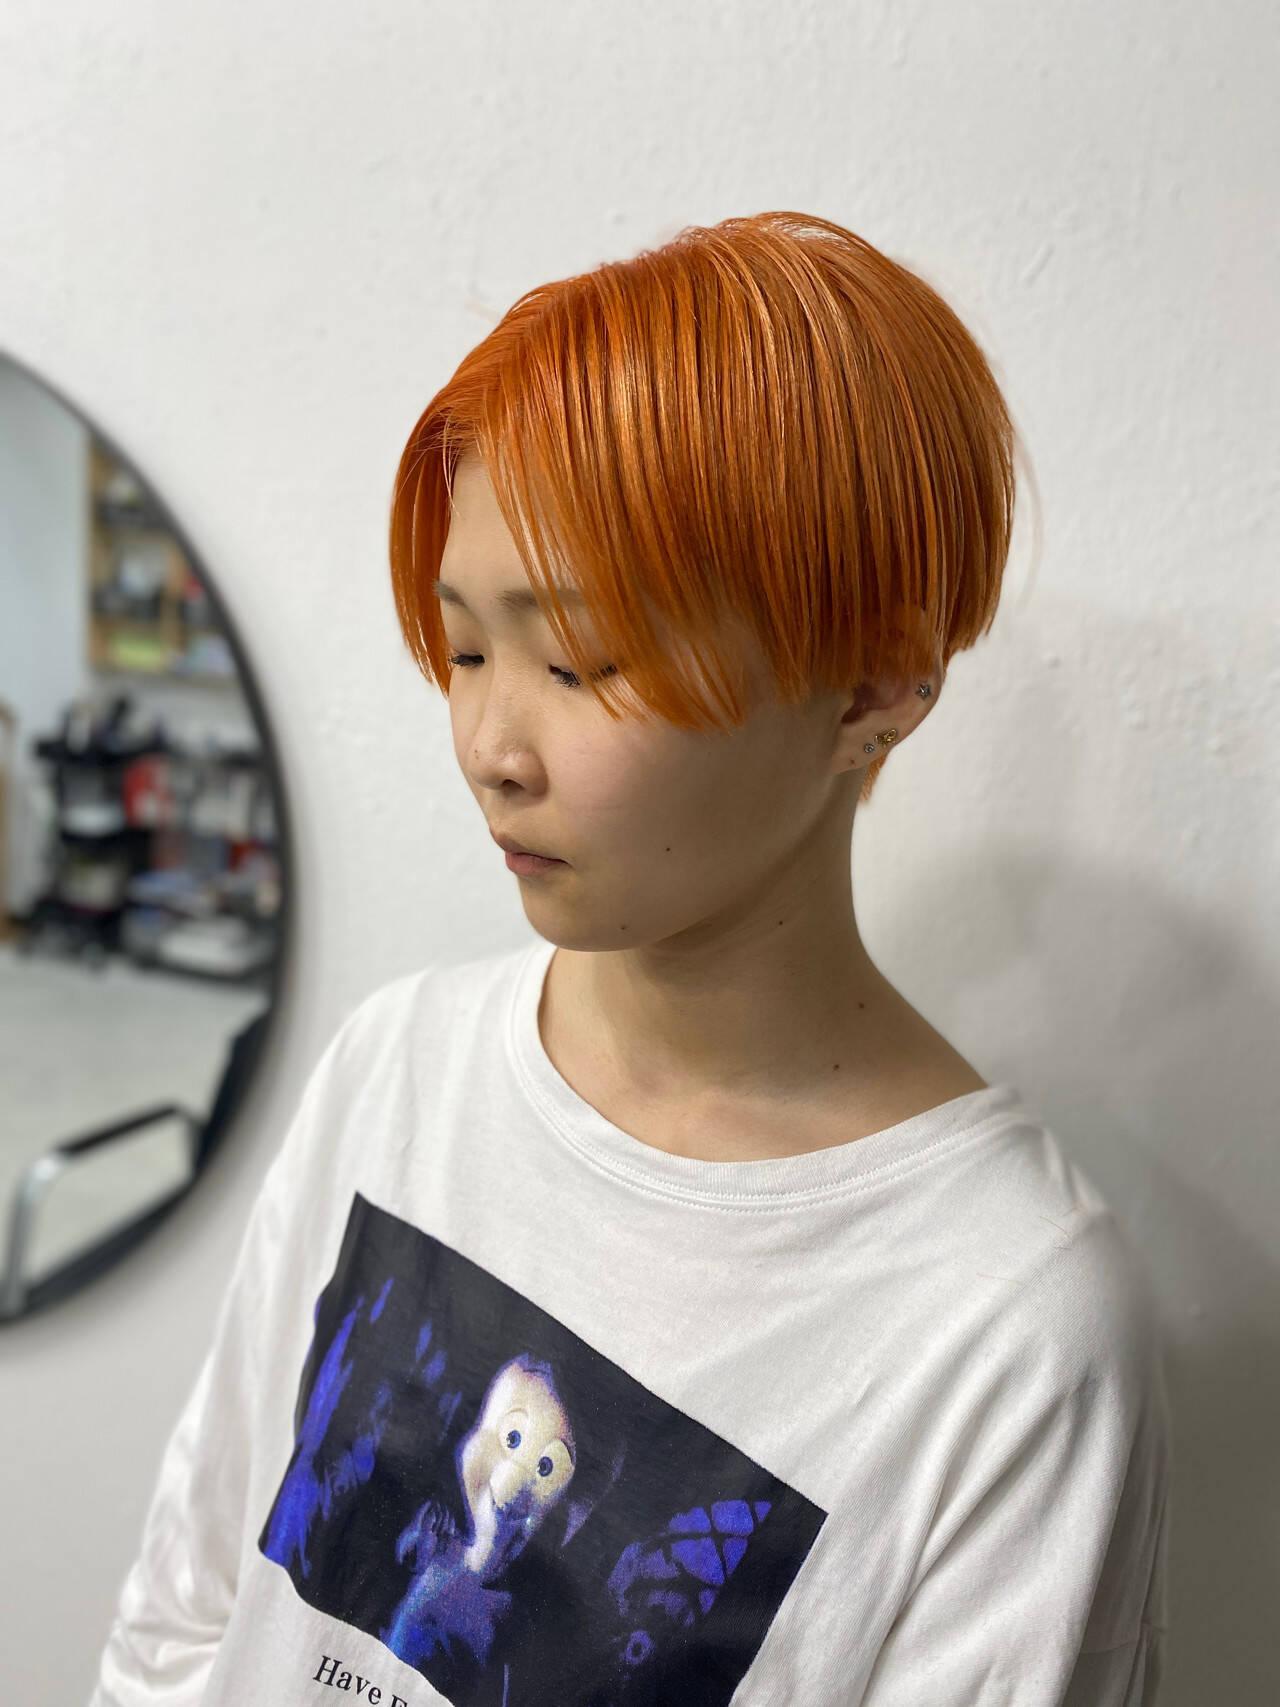 ナチュラル オレンジブラウン オレンジベージュ オレンジカラーヘアスタイルや髪型の写真・画像